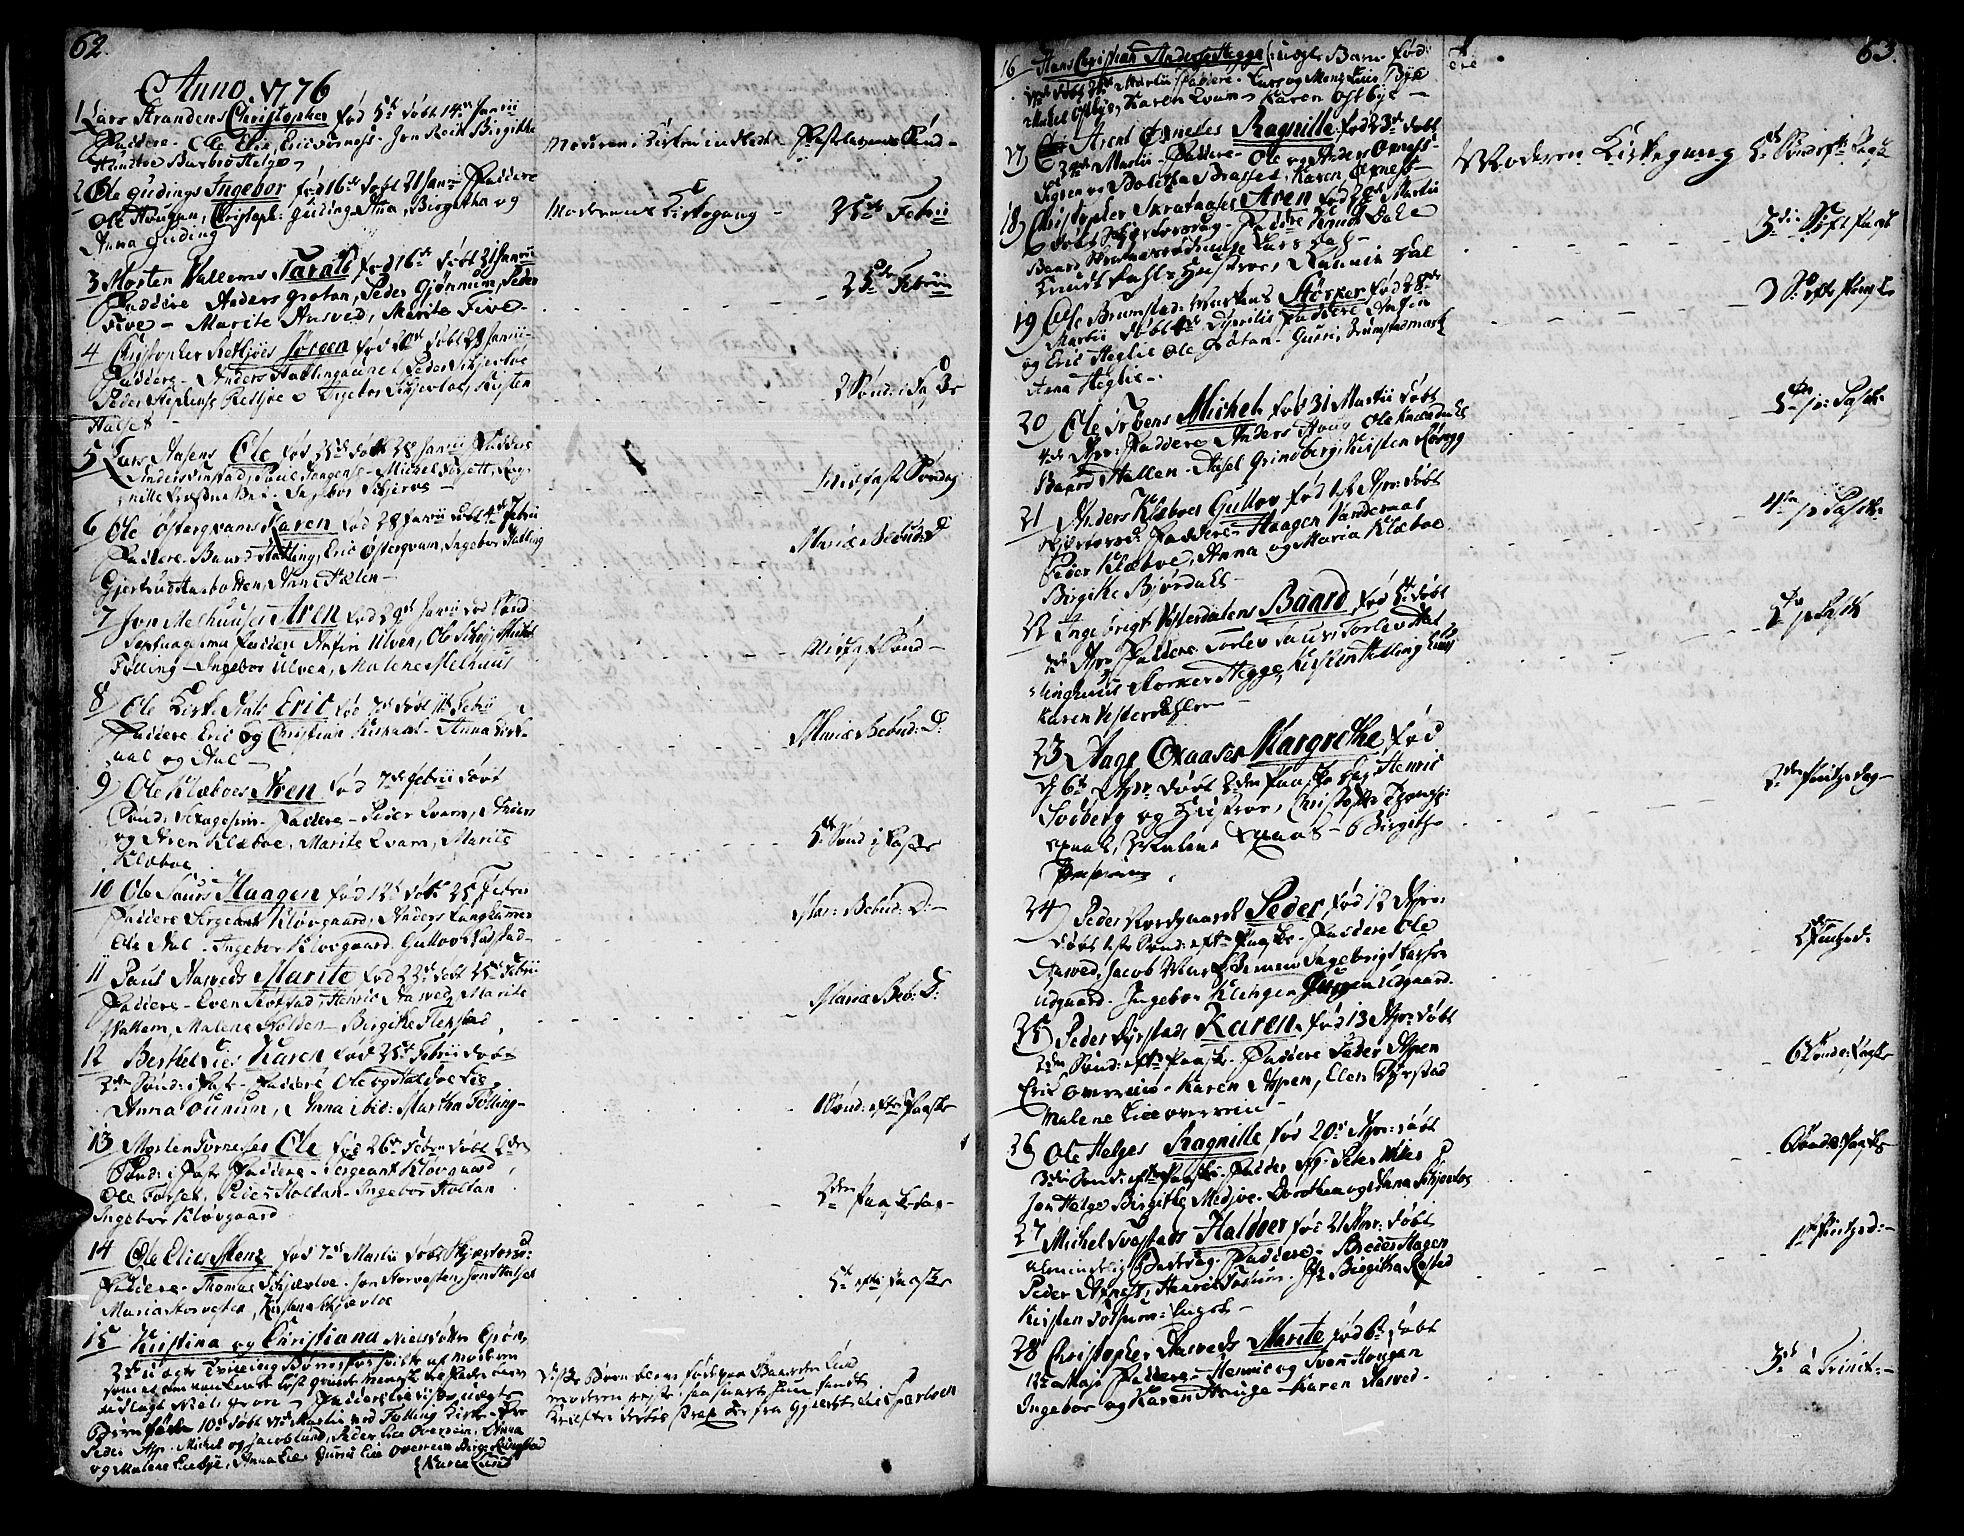 SAT, Ministerialprotokoller, klokkerbøker og fødselsregistre - Nord-Trøndelag, 746/L0440: Ministerialbok nr. 746A02, 1760-1815, s. 62-63